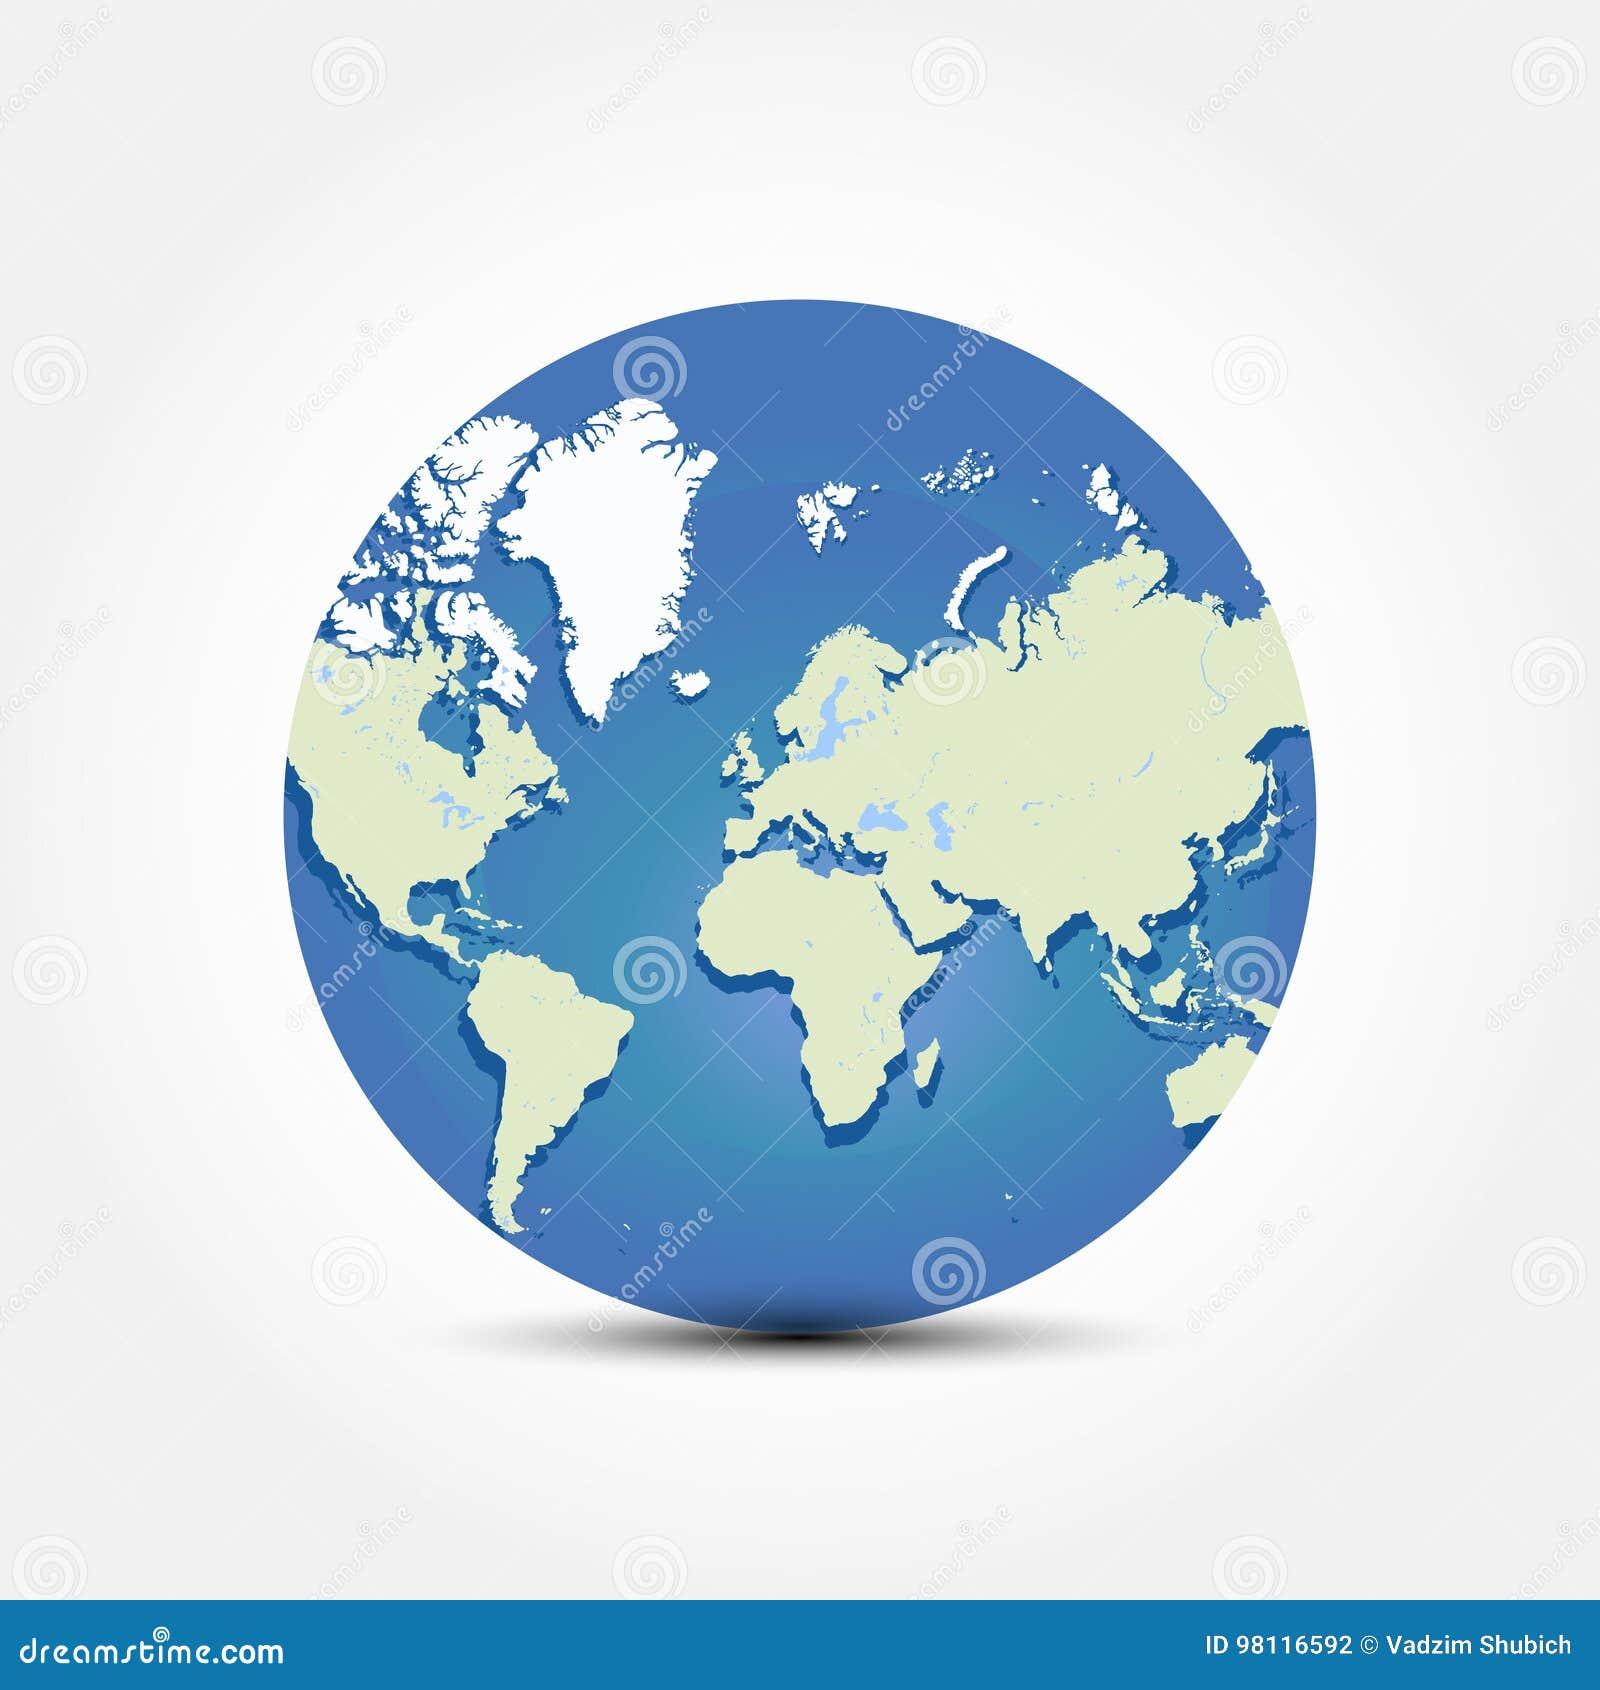 Round Globe Map.Round Globe World Map Flat Illustration Eps 10 Stock Illustration